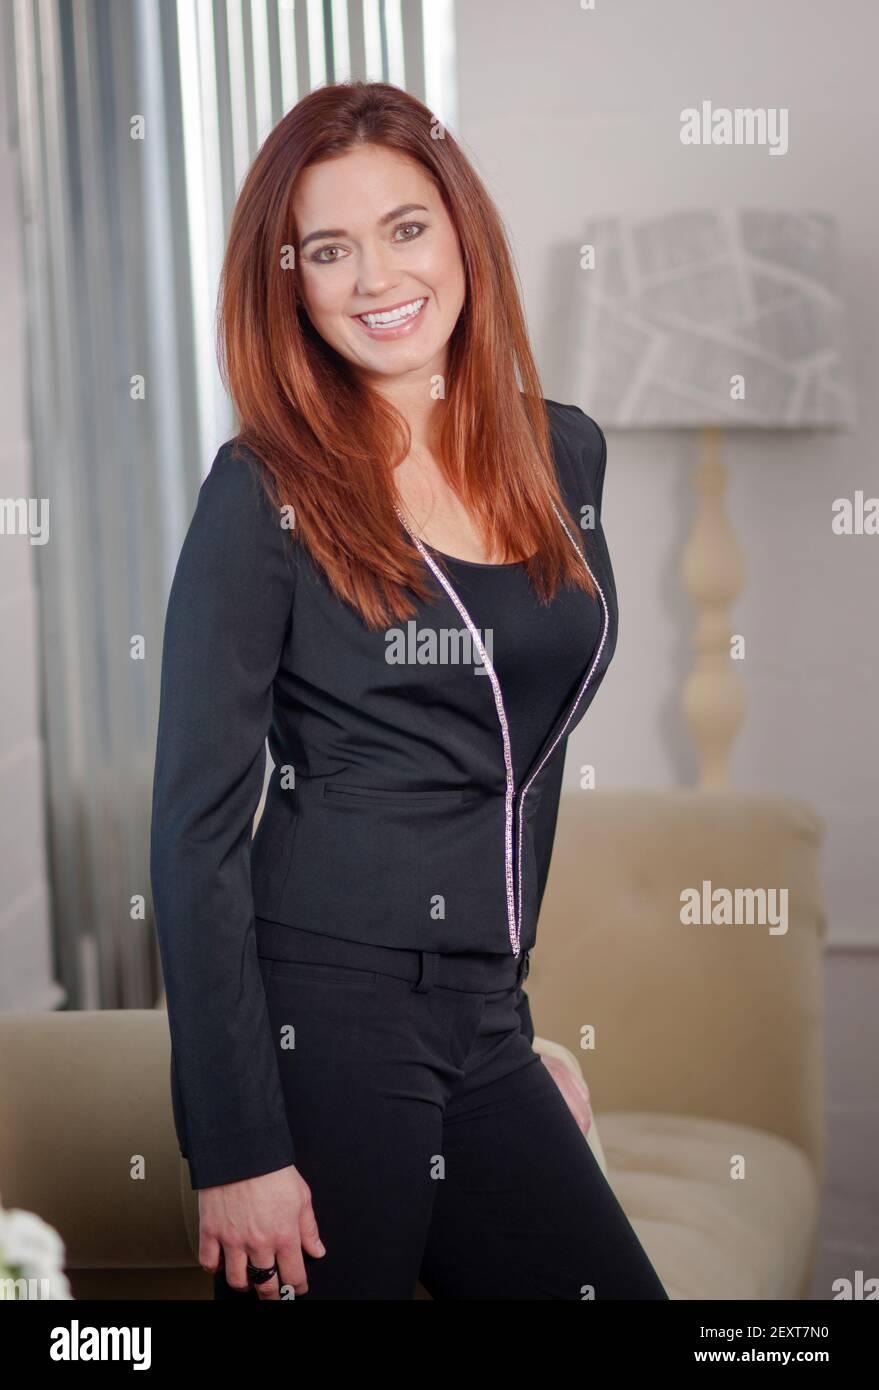 Intelectual de negocios Mujer con gafas cabeza inclinada Foto de stock